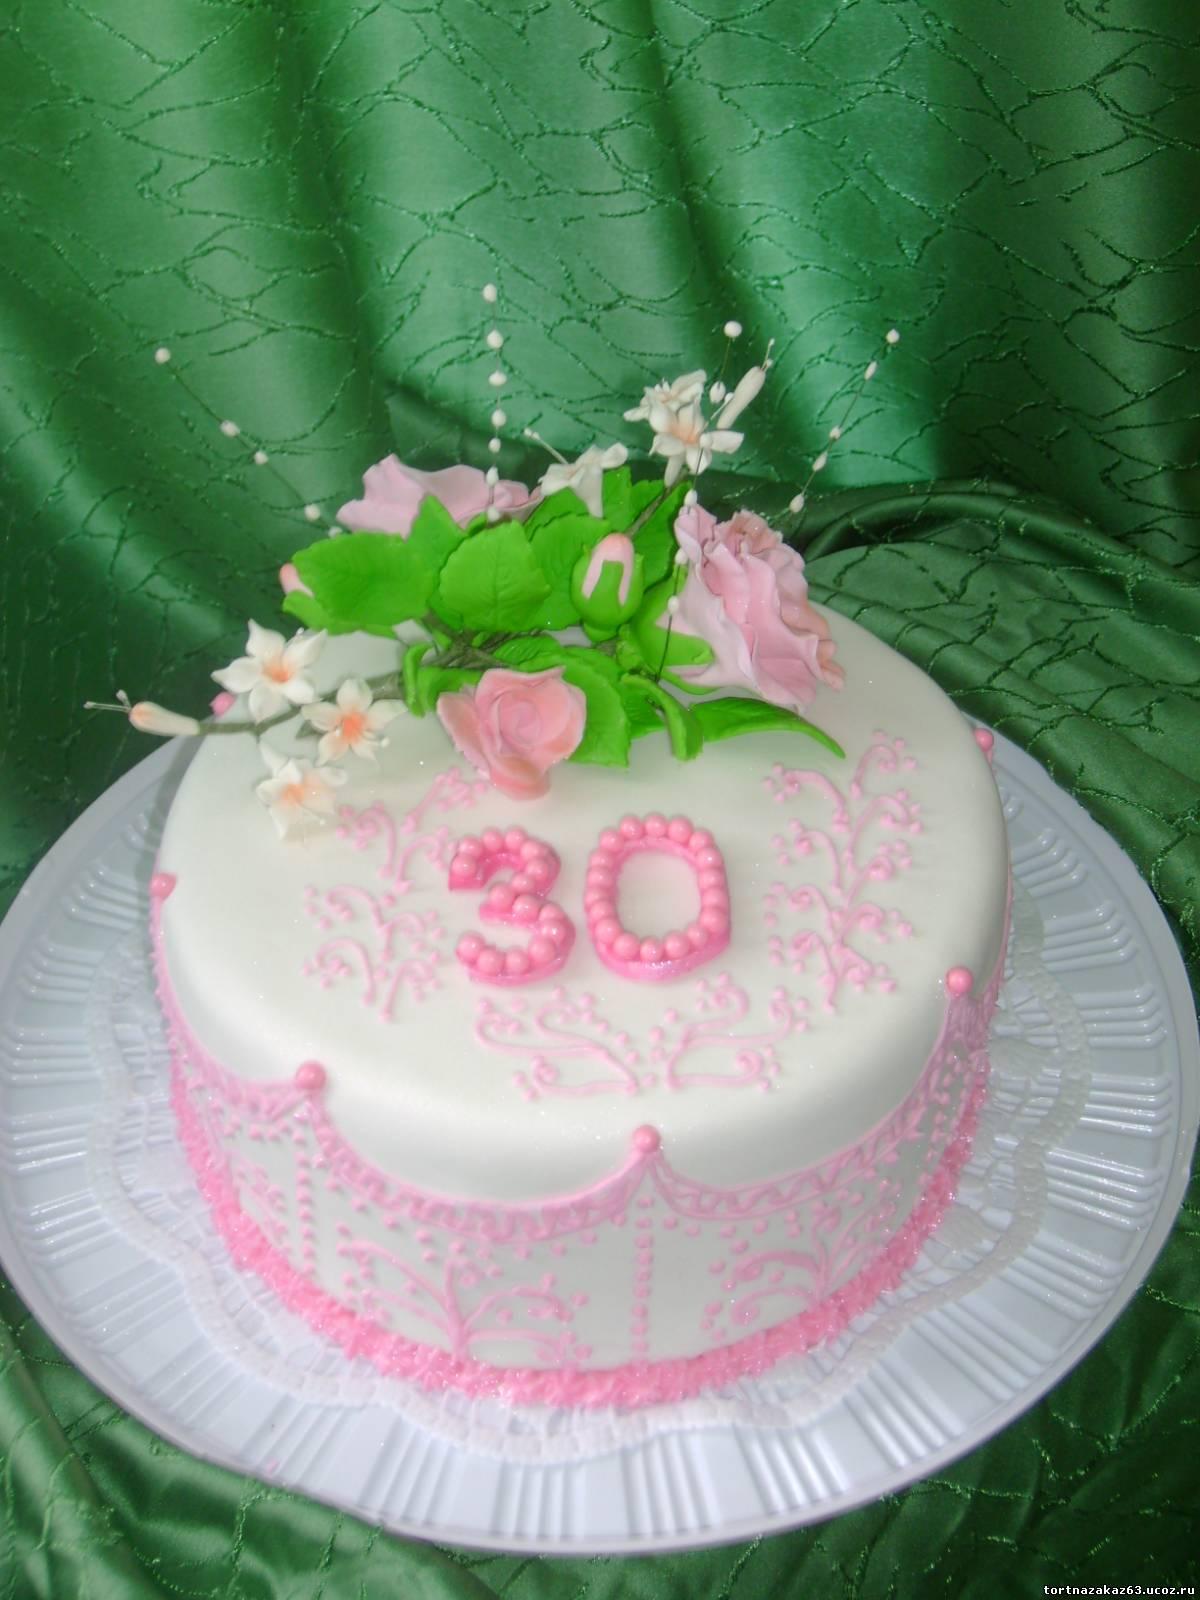 Поздравление с днем рождения женщине 55 лет в картинках